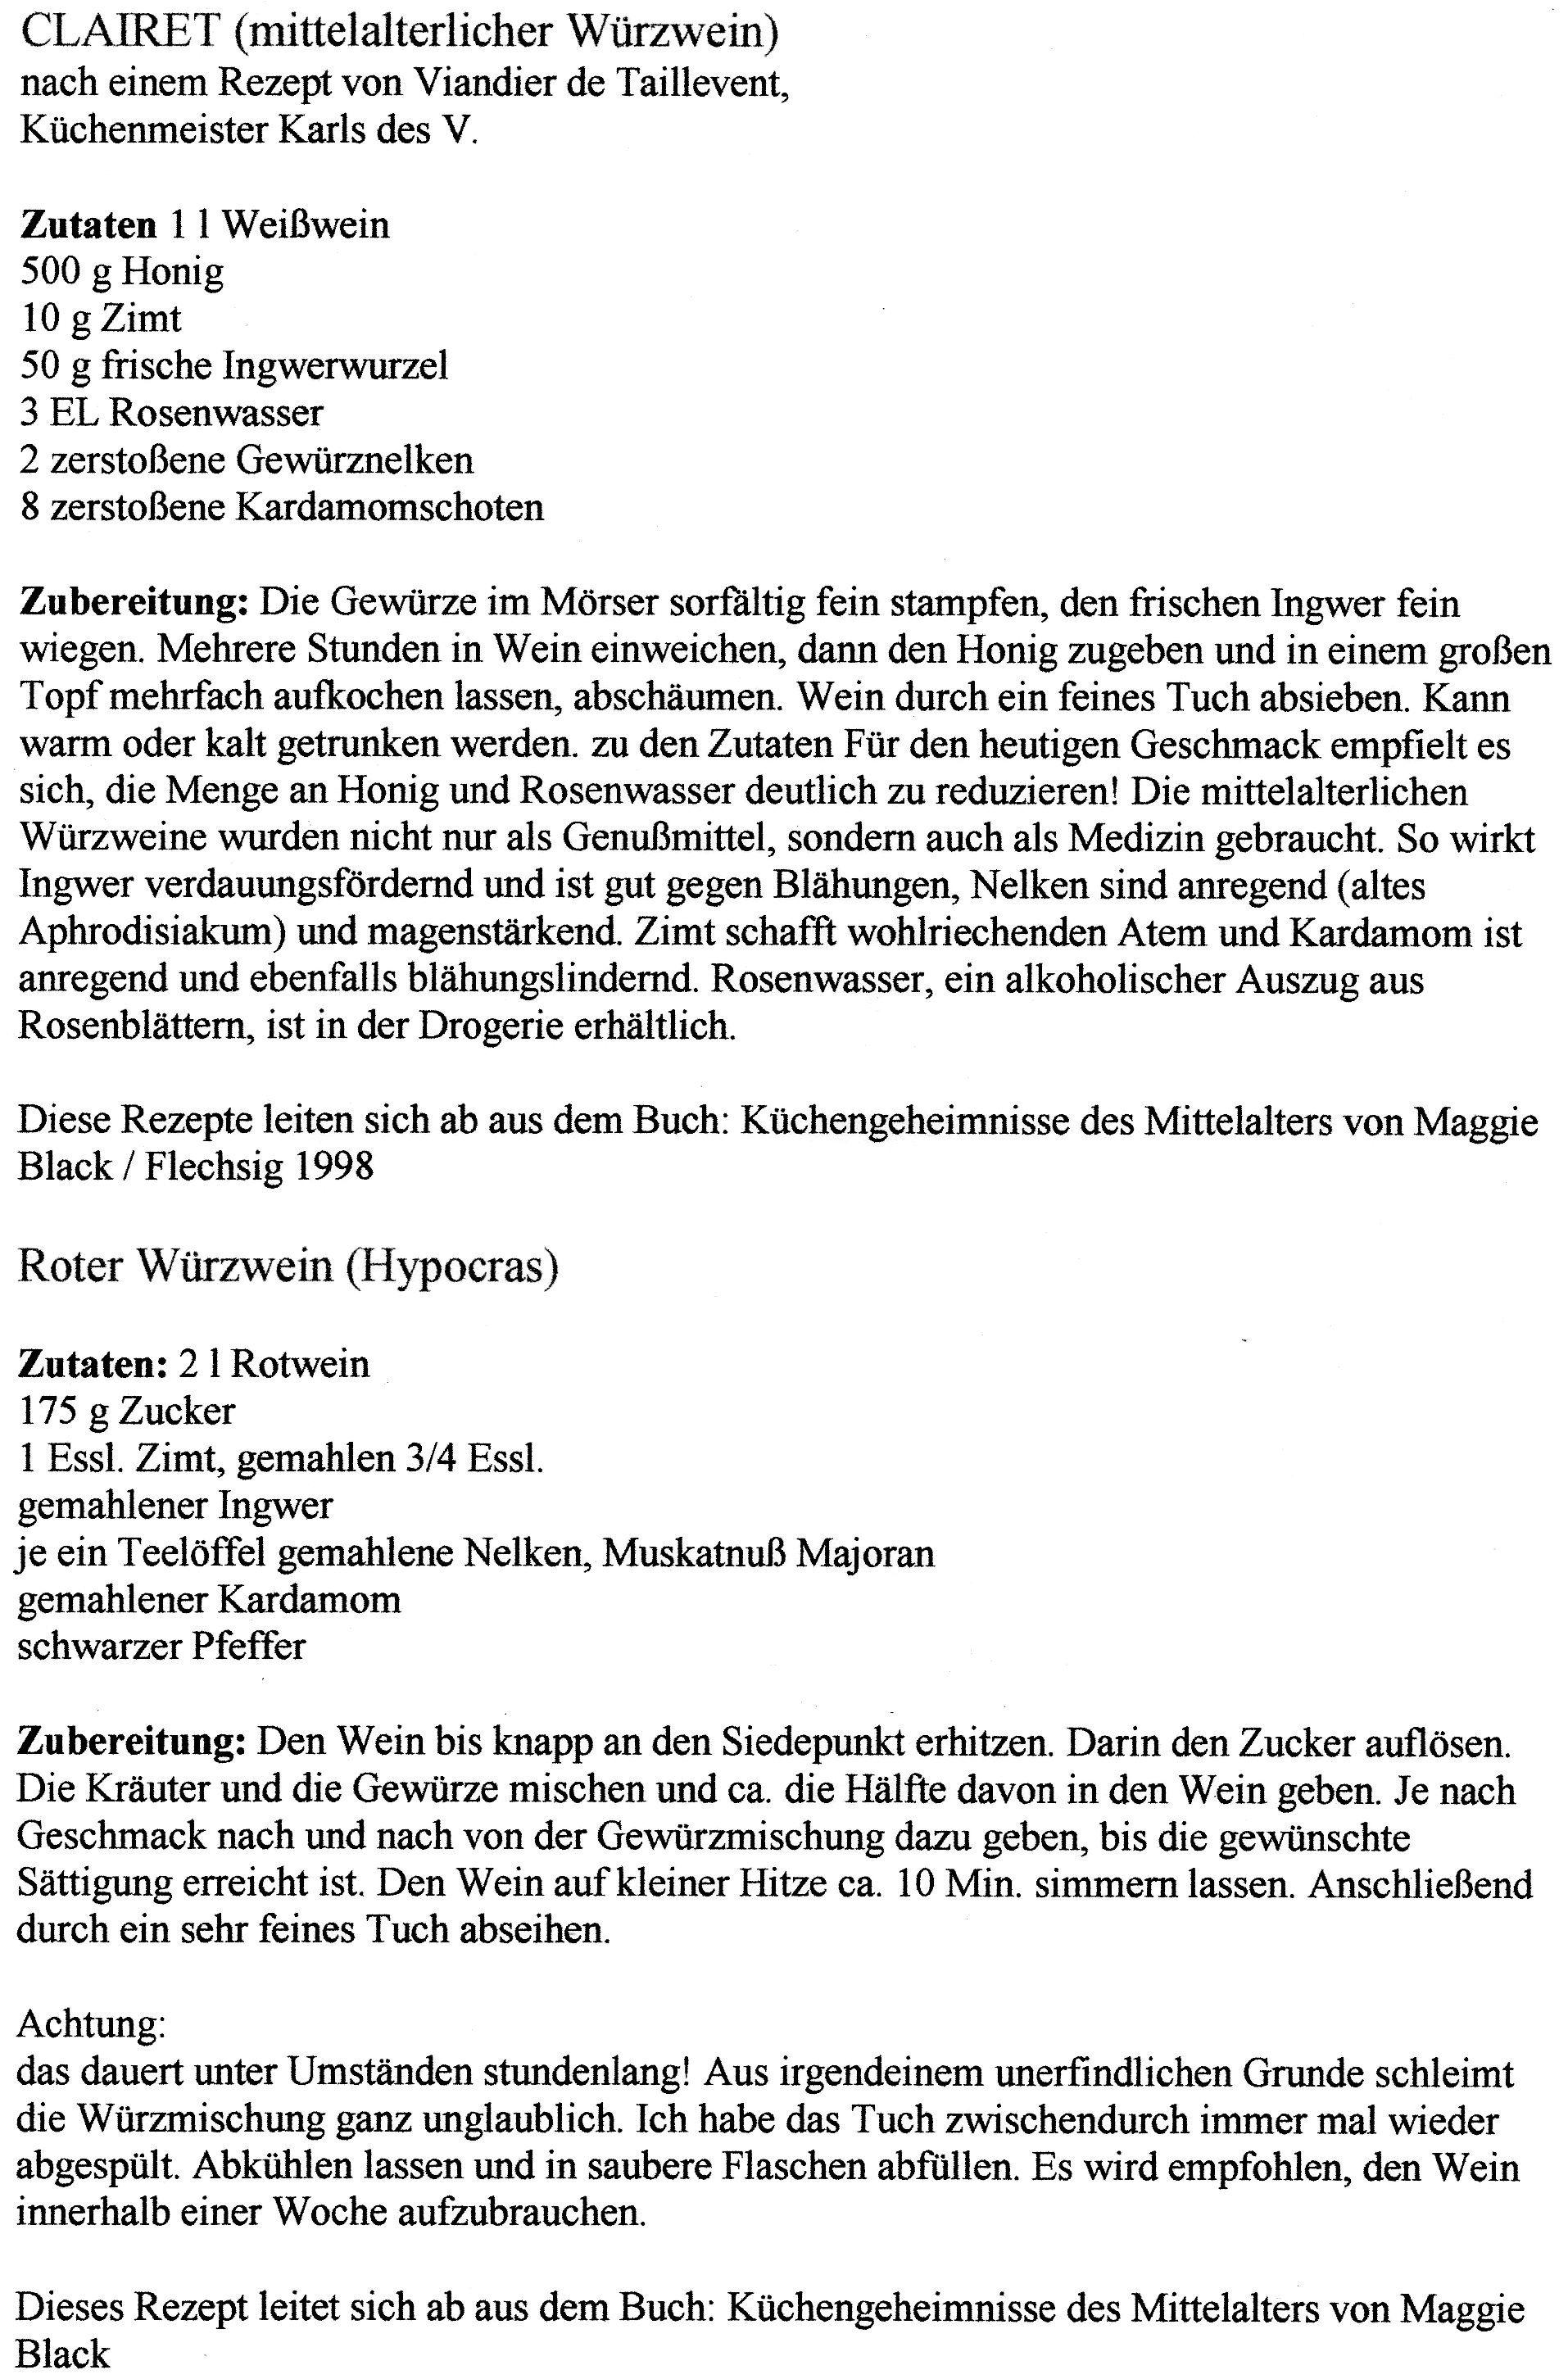 Wurzwein Ein Ahnliches Rezept Wird Laura Im Mittelalterdorf Zum Vehangnis Rezepte Ingwerwurzel Rezepte Und Wein